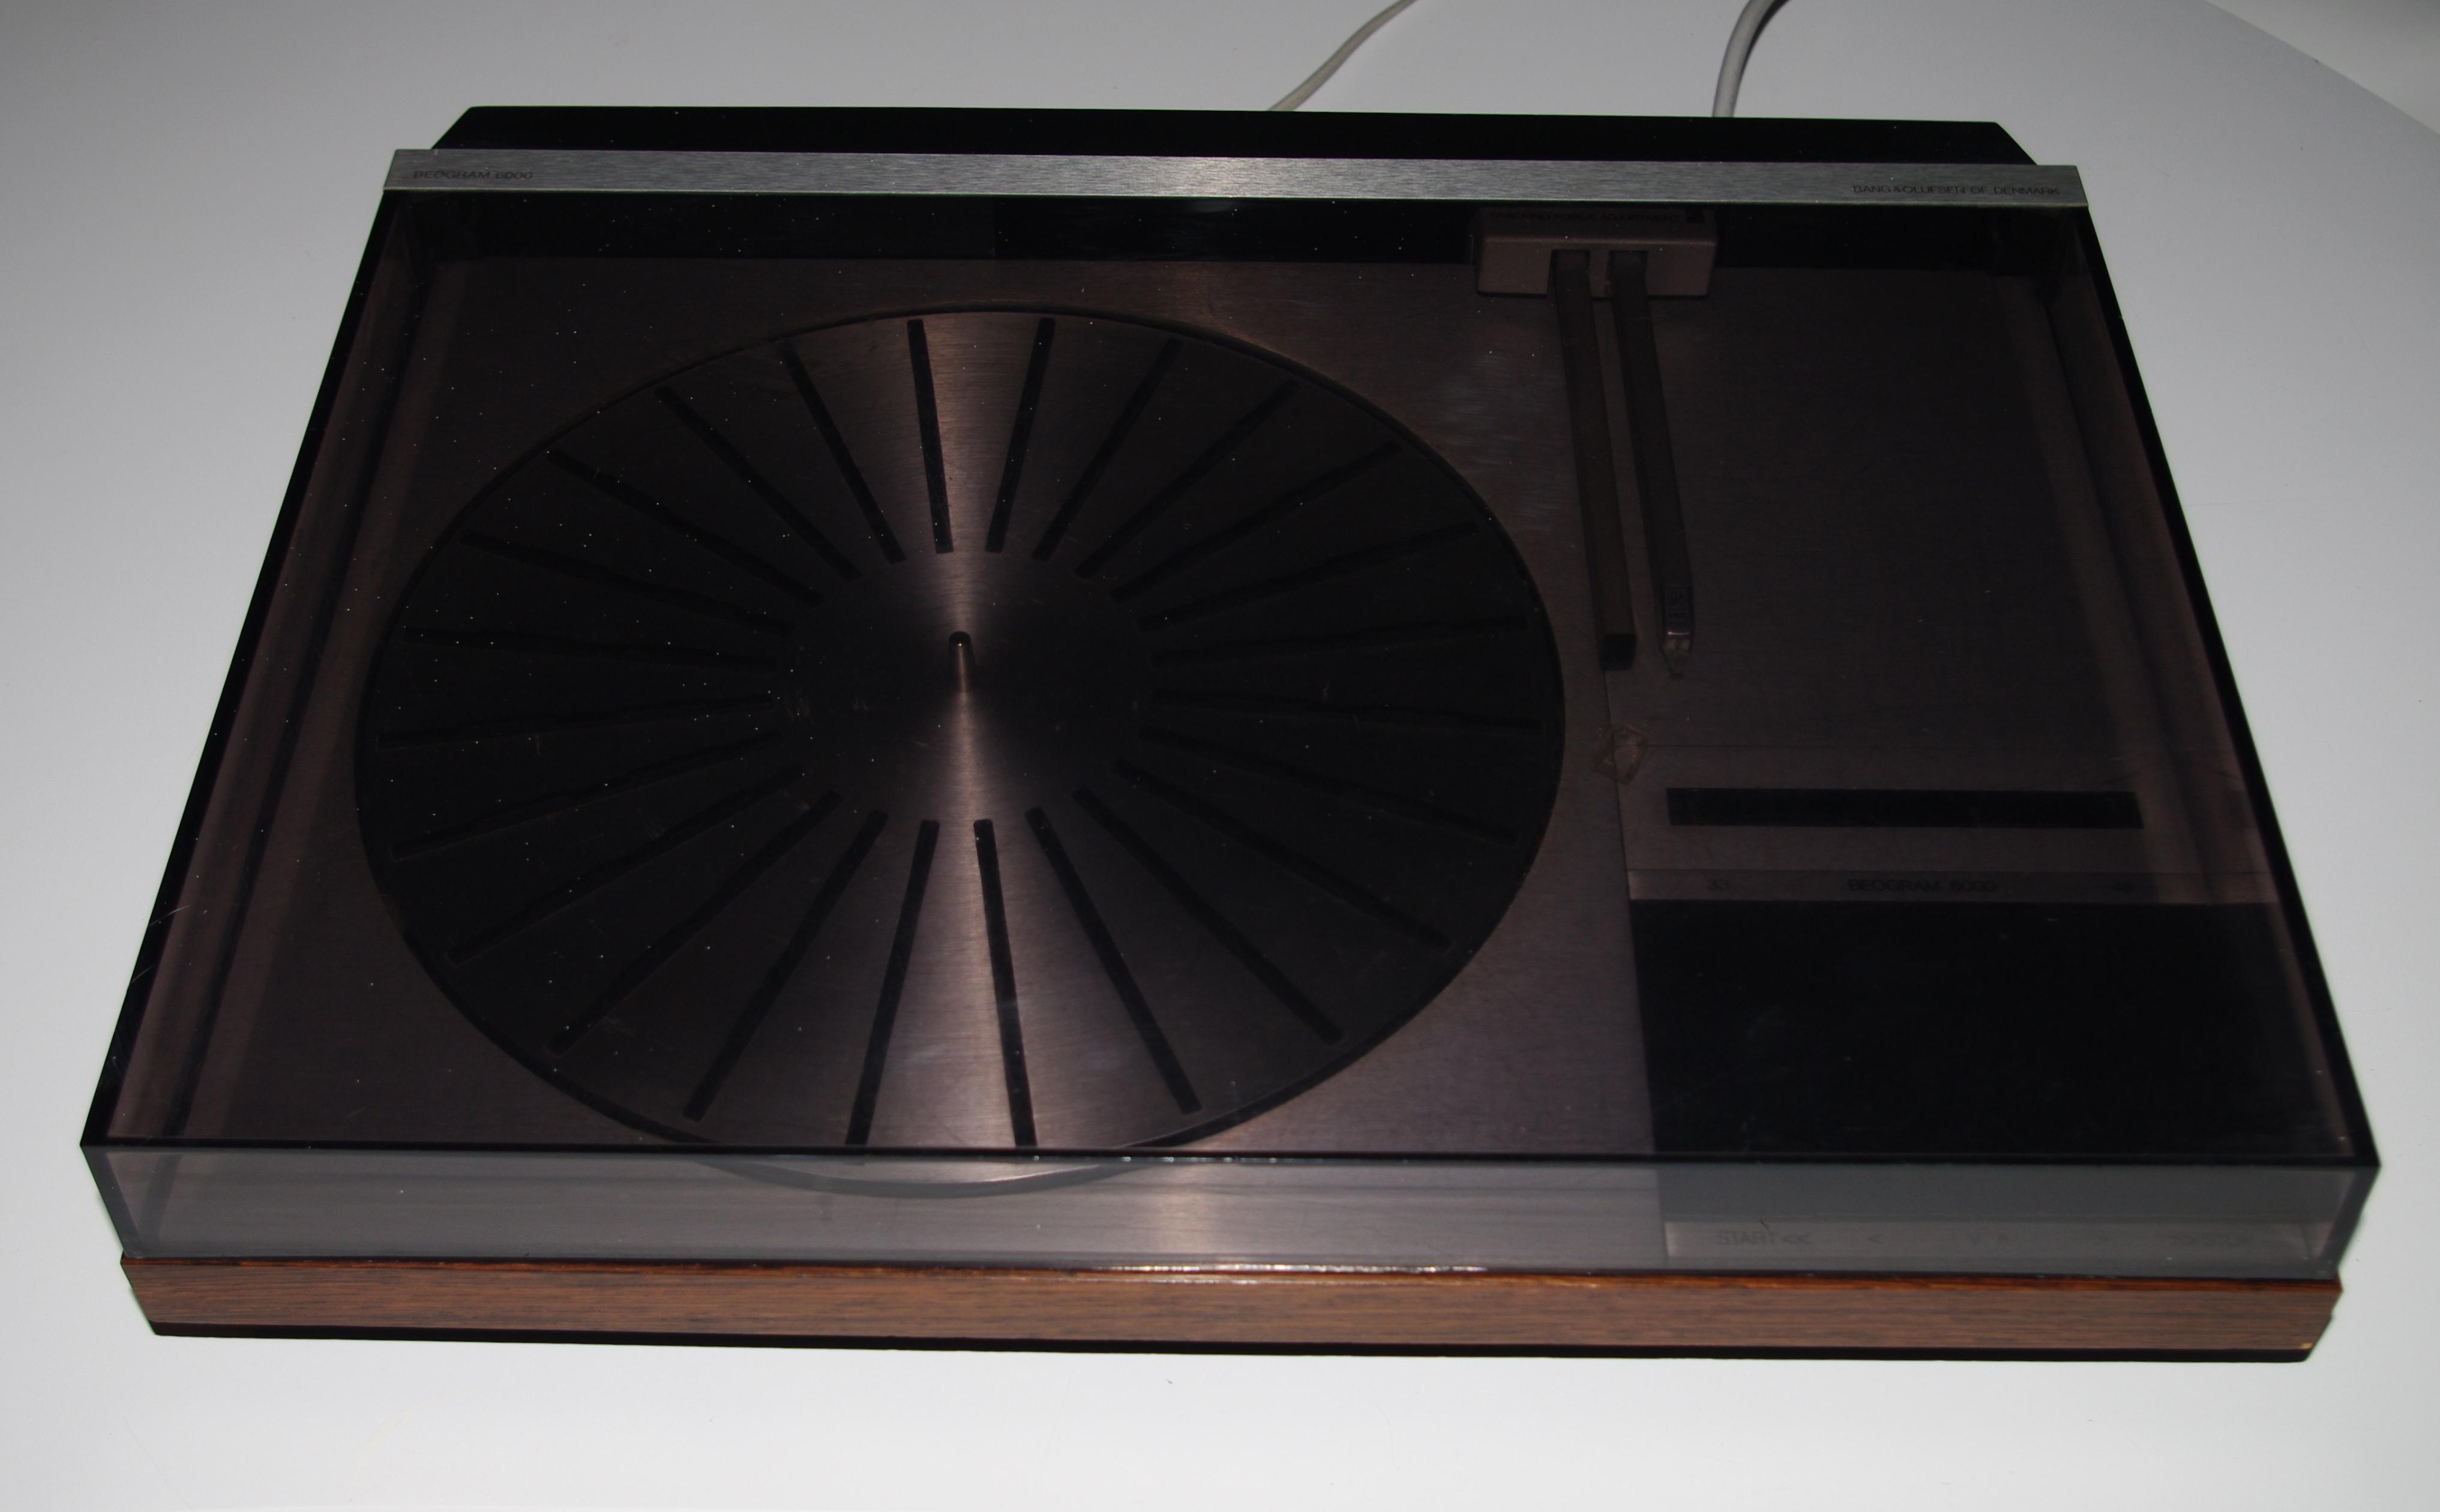 photo bang olufsen beogram 6000 bang olufsen beogram. Black Bedroom Furniture Sets. Home Design Ideas